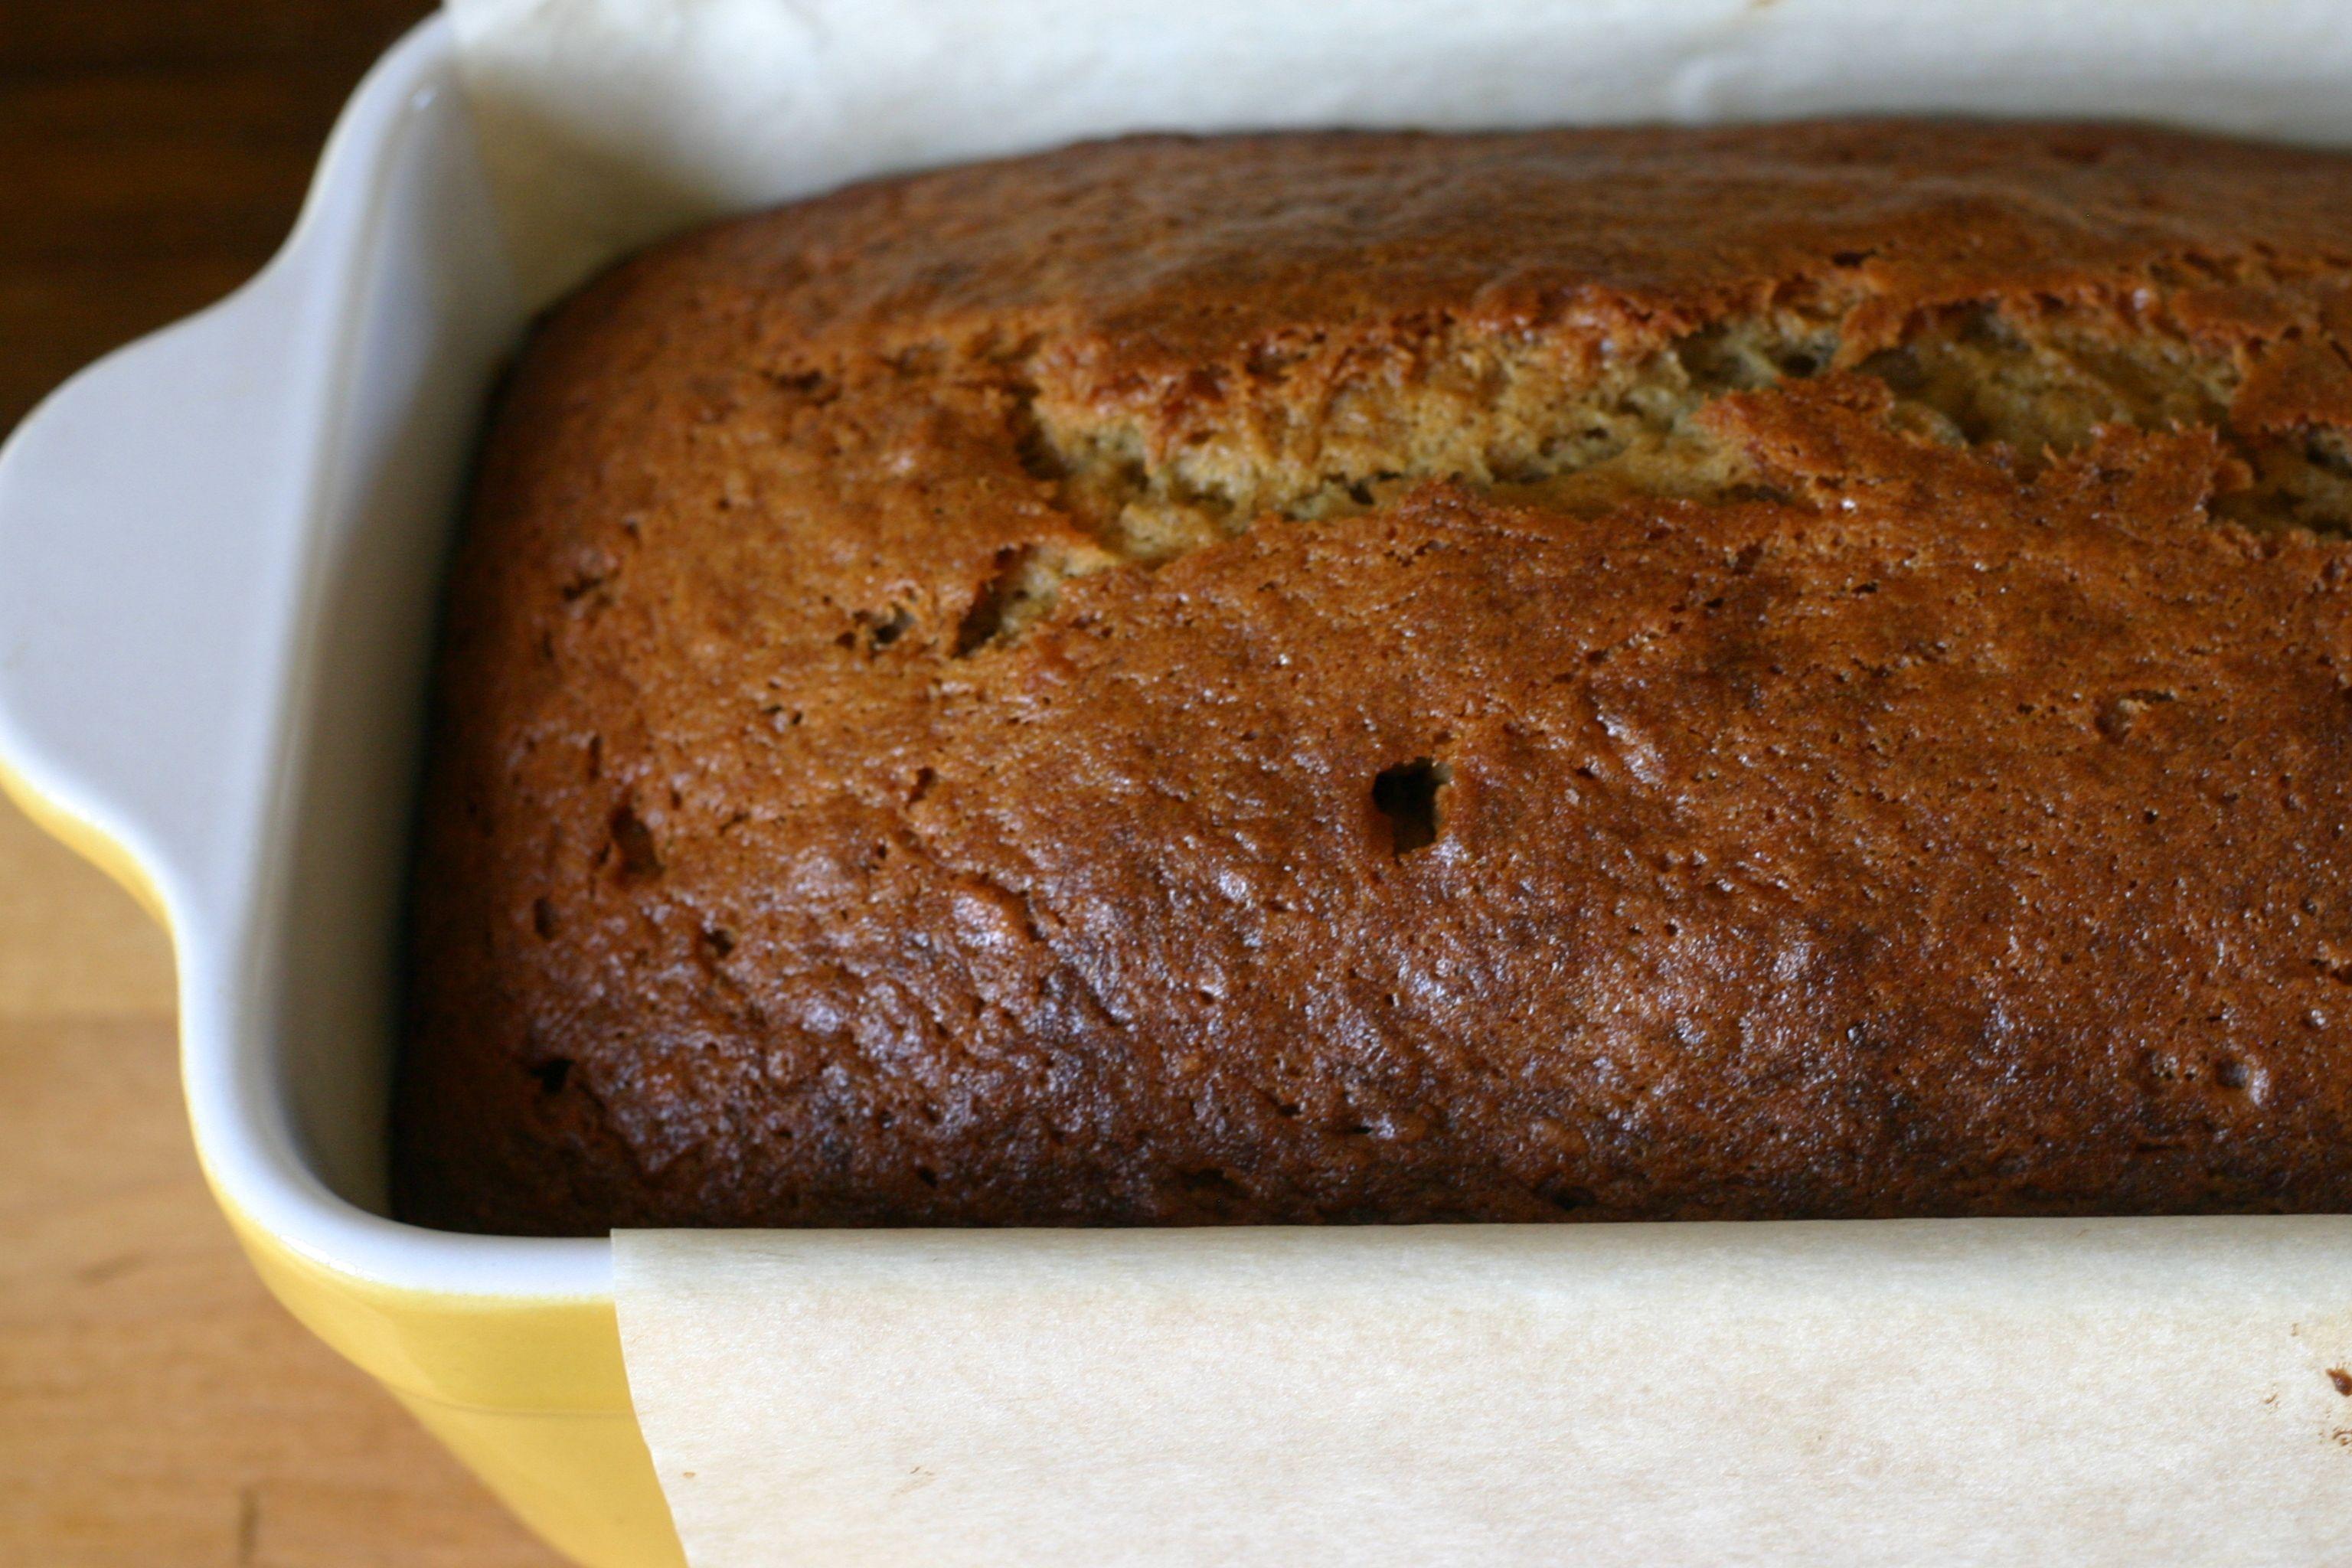 Coconut Oil Banana Bread Banana Bread Coconut Oil Banana Nut Bread How Sweet Eats